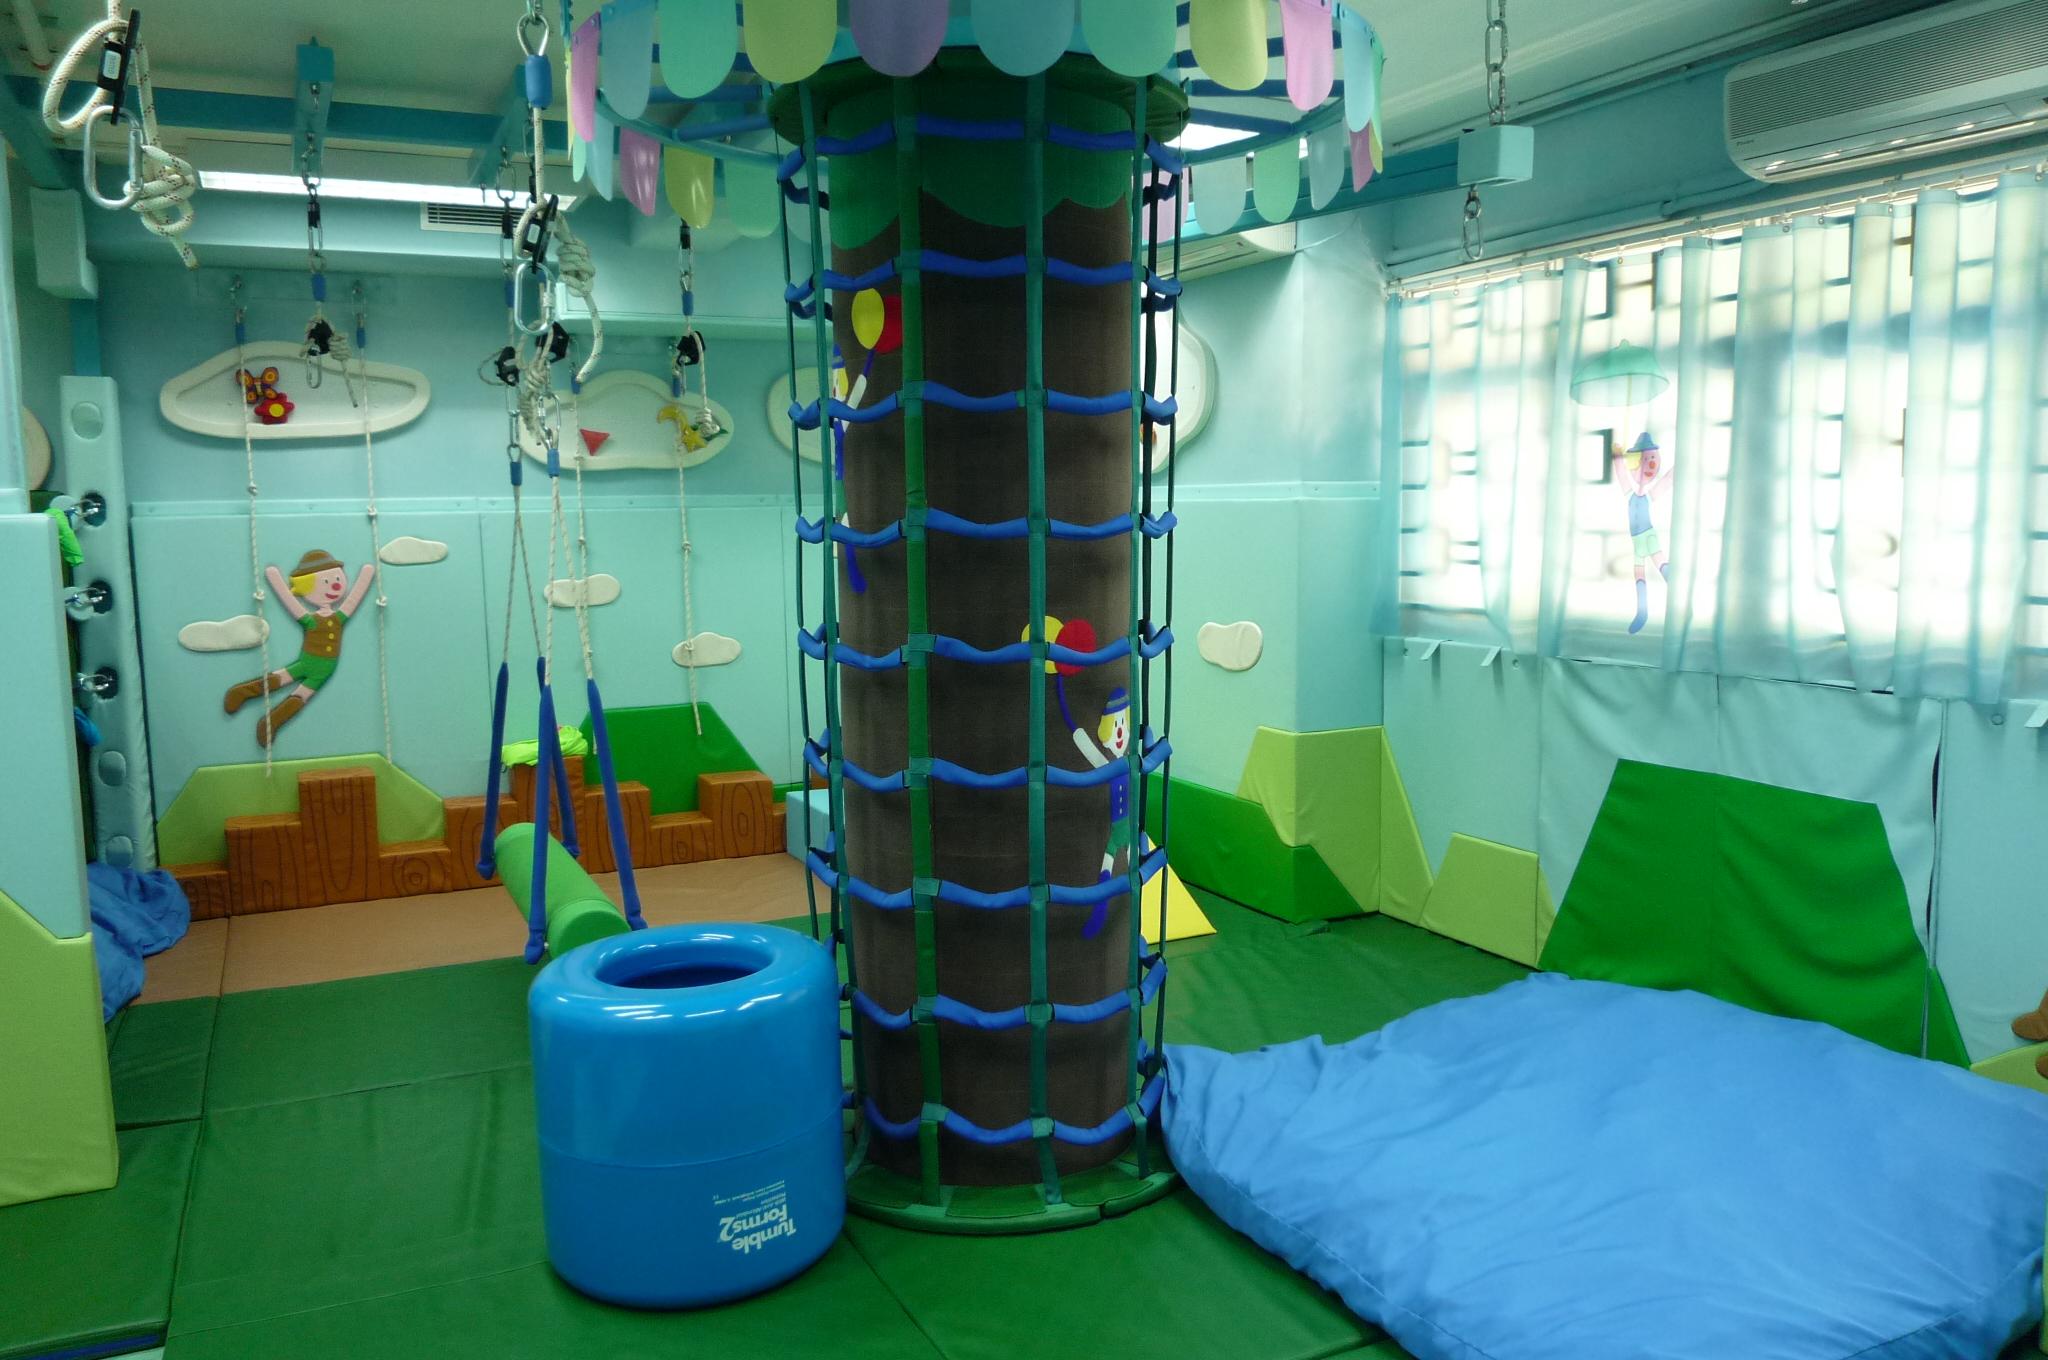 感覺統合室:可加強兒童之身體協調、動作計劃及組織能力